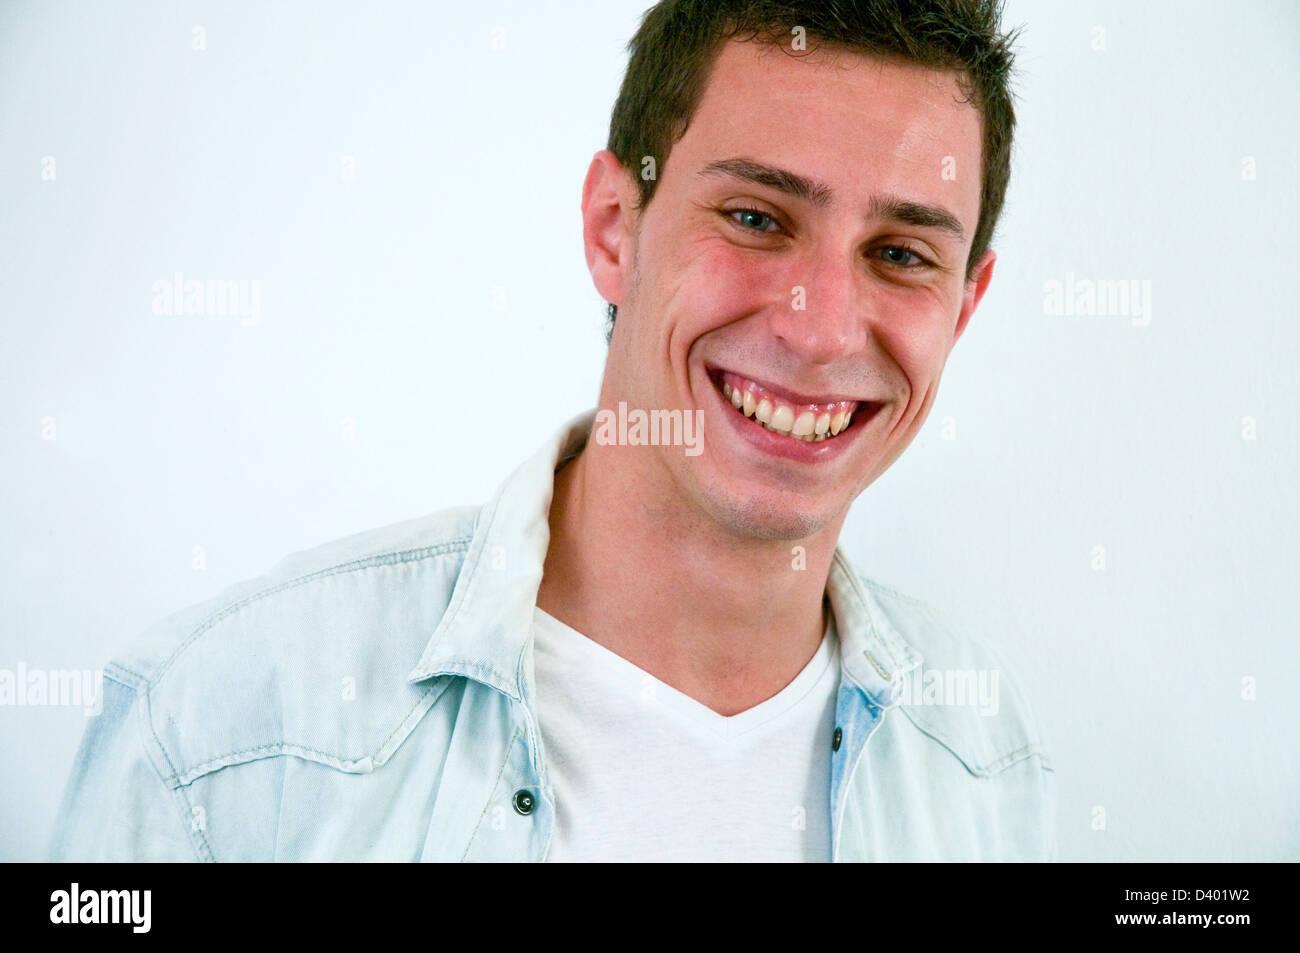 Ritratto di giovane uomo sorridente e guardando la telecamera. Chiudere la vista. Immagini Stock